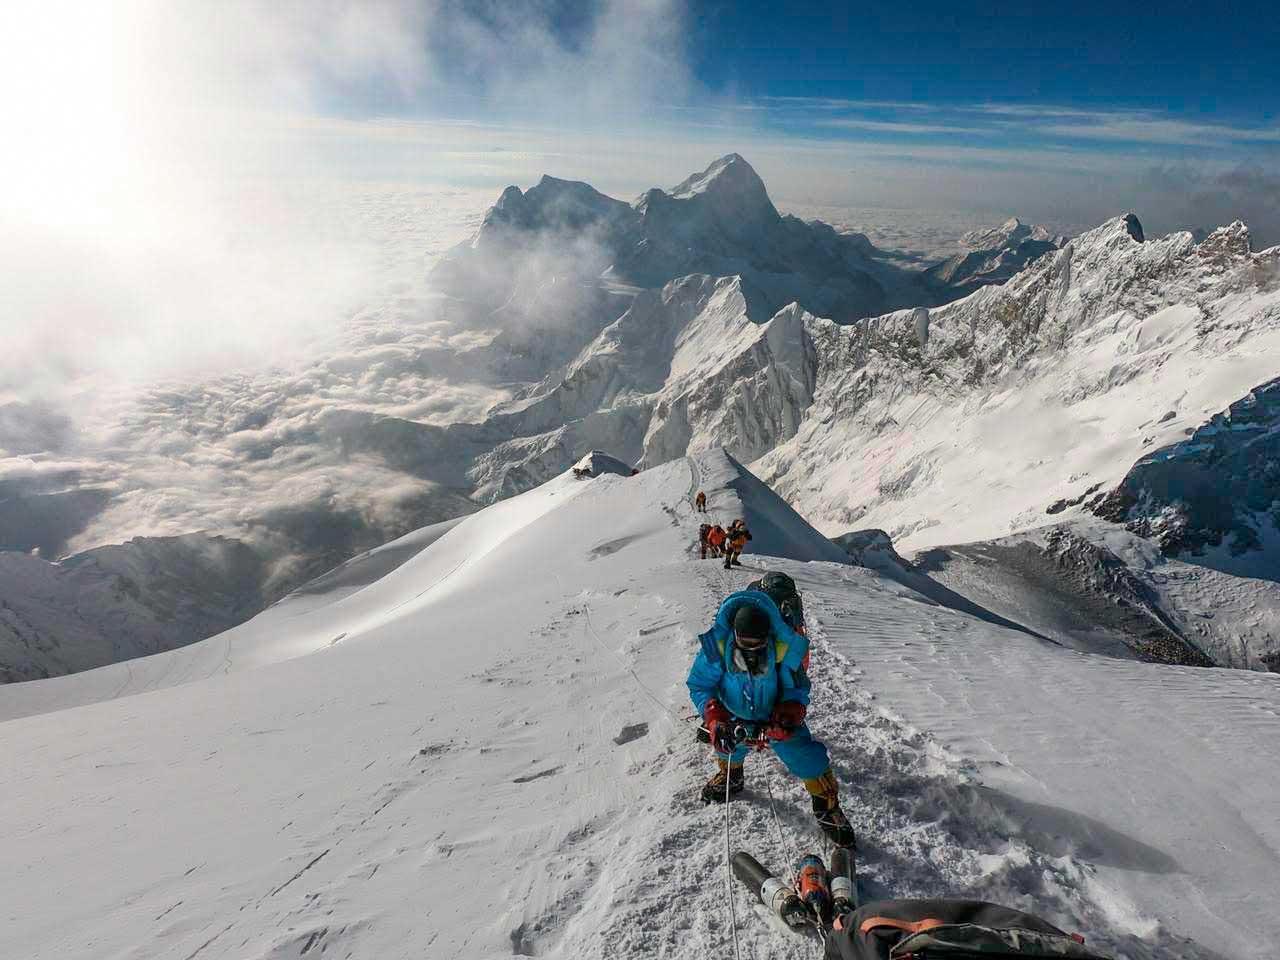 Para Juan Pablo Mohr el Everest fue durísimo, por lo extenso y por hacerlo sin oxígeno adicional.